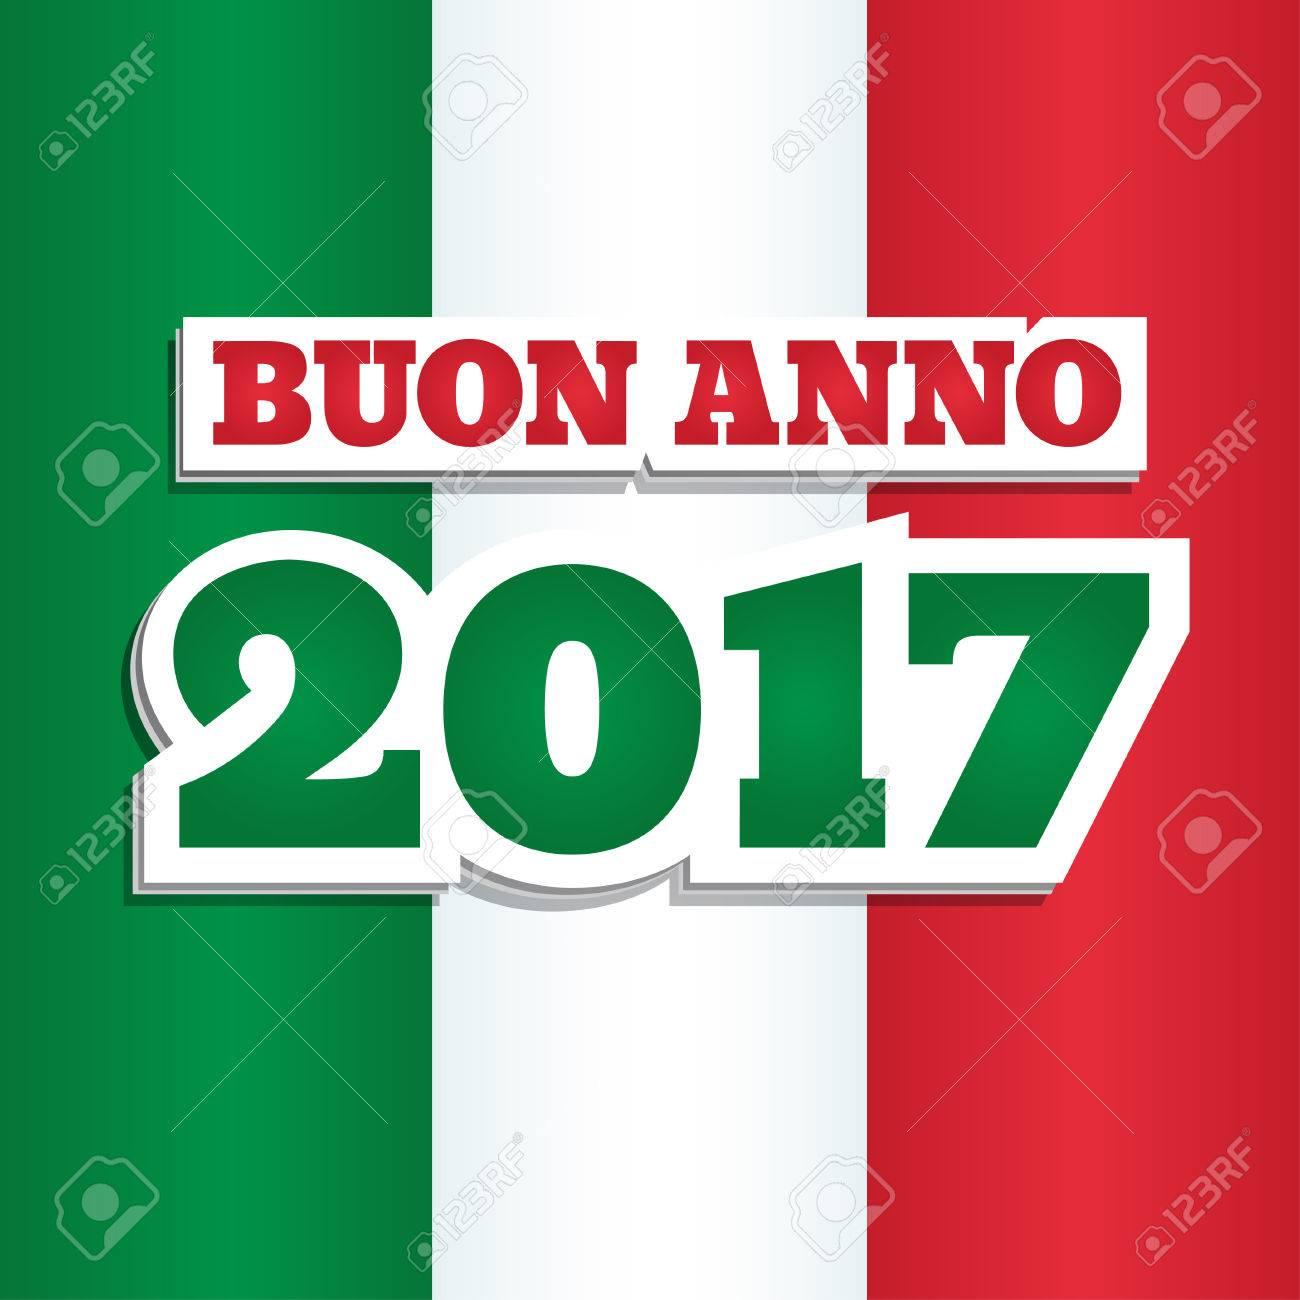 Vektor Grußkarte Mit Dem Text Happy New Year 2017 Auf Italienisch